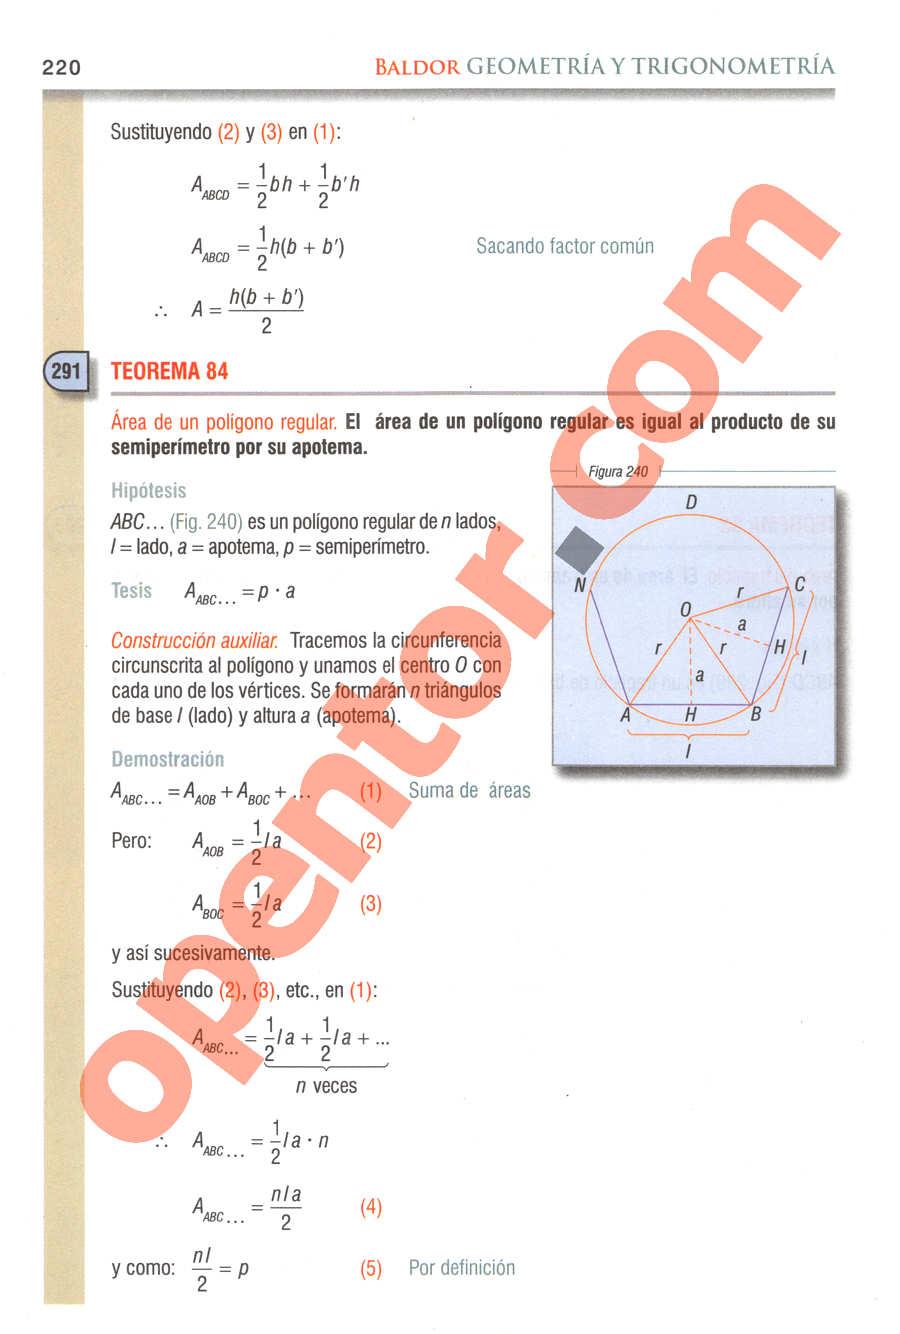 Geometría y Trigonometría de Baldor - Página 220